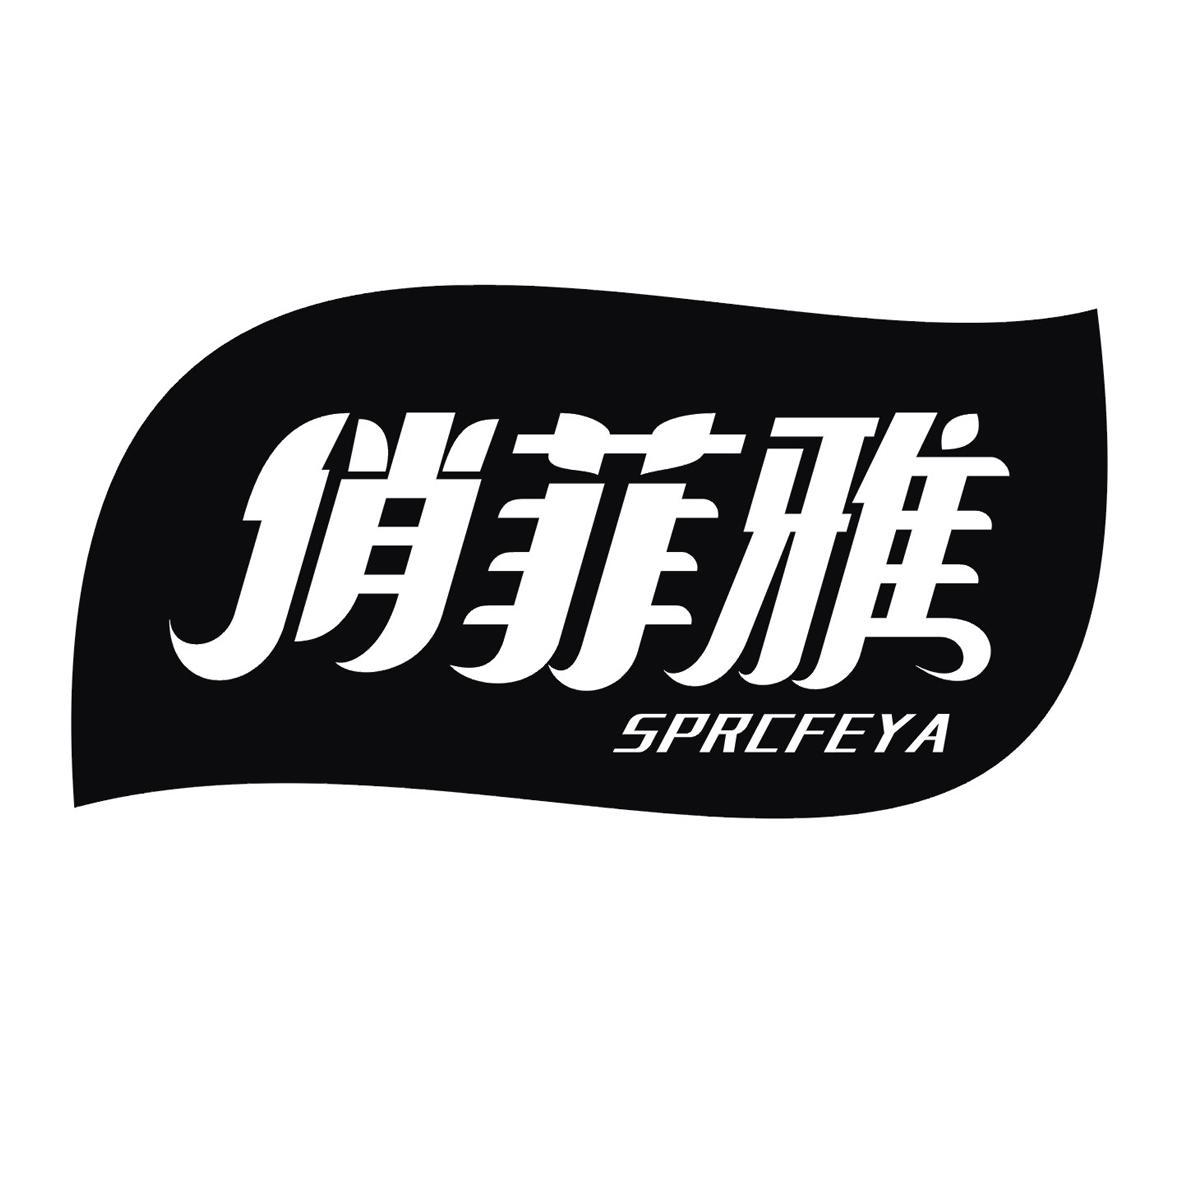 转让商标-俏菲雅  SPRCFEYA